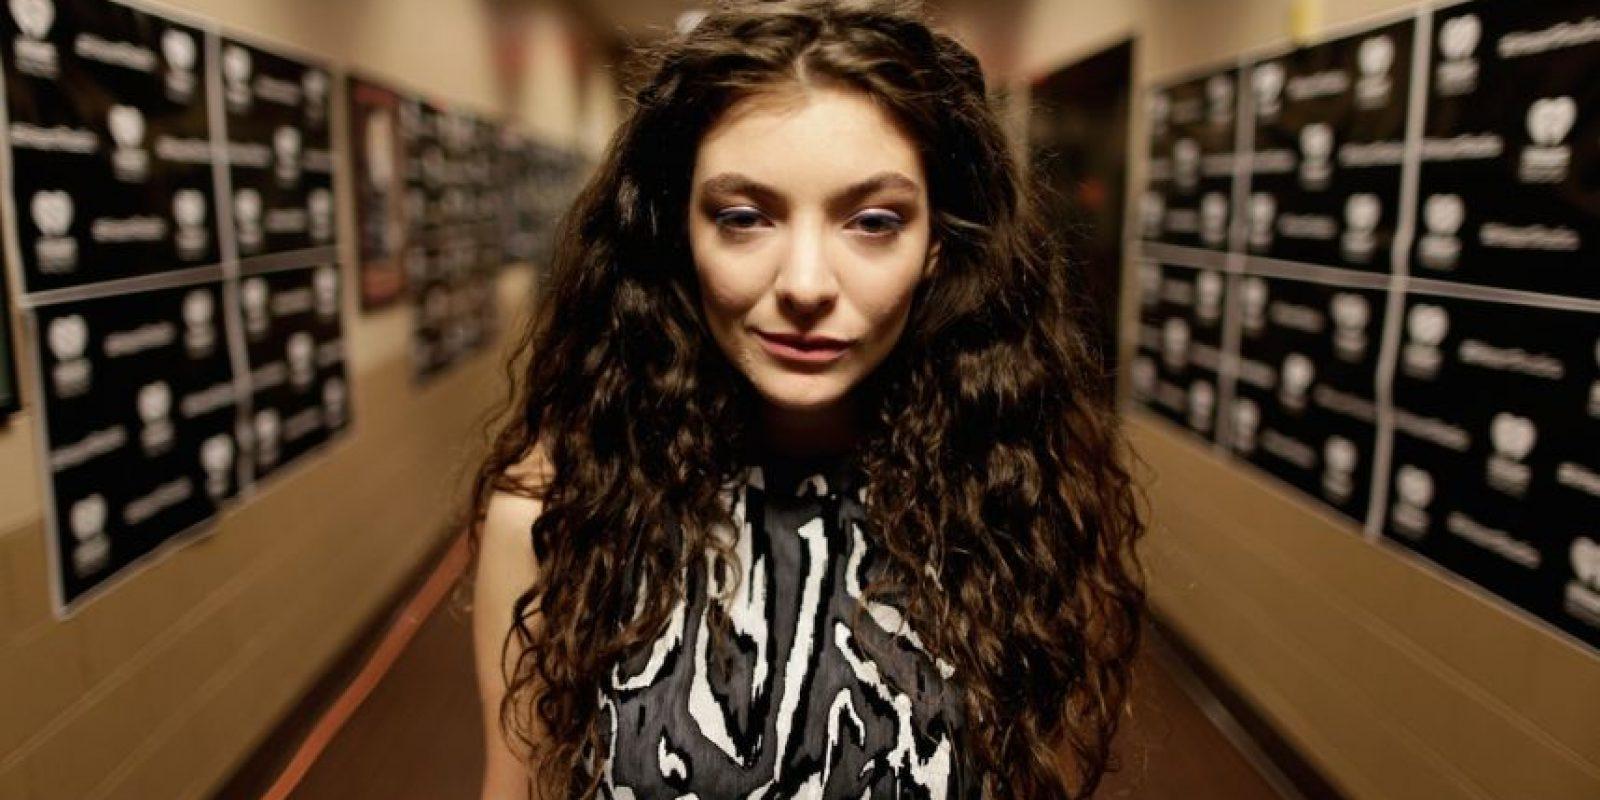 """En 2013, durante nueve semanas, logró posicionar su sencillo """"Royals"""" como uno de los más populares de la lista """"The Hot 100"""" de la revista """"Billboard"""". Foto:Getty Images"""